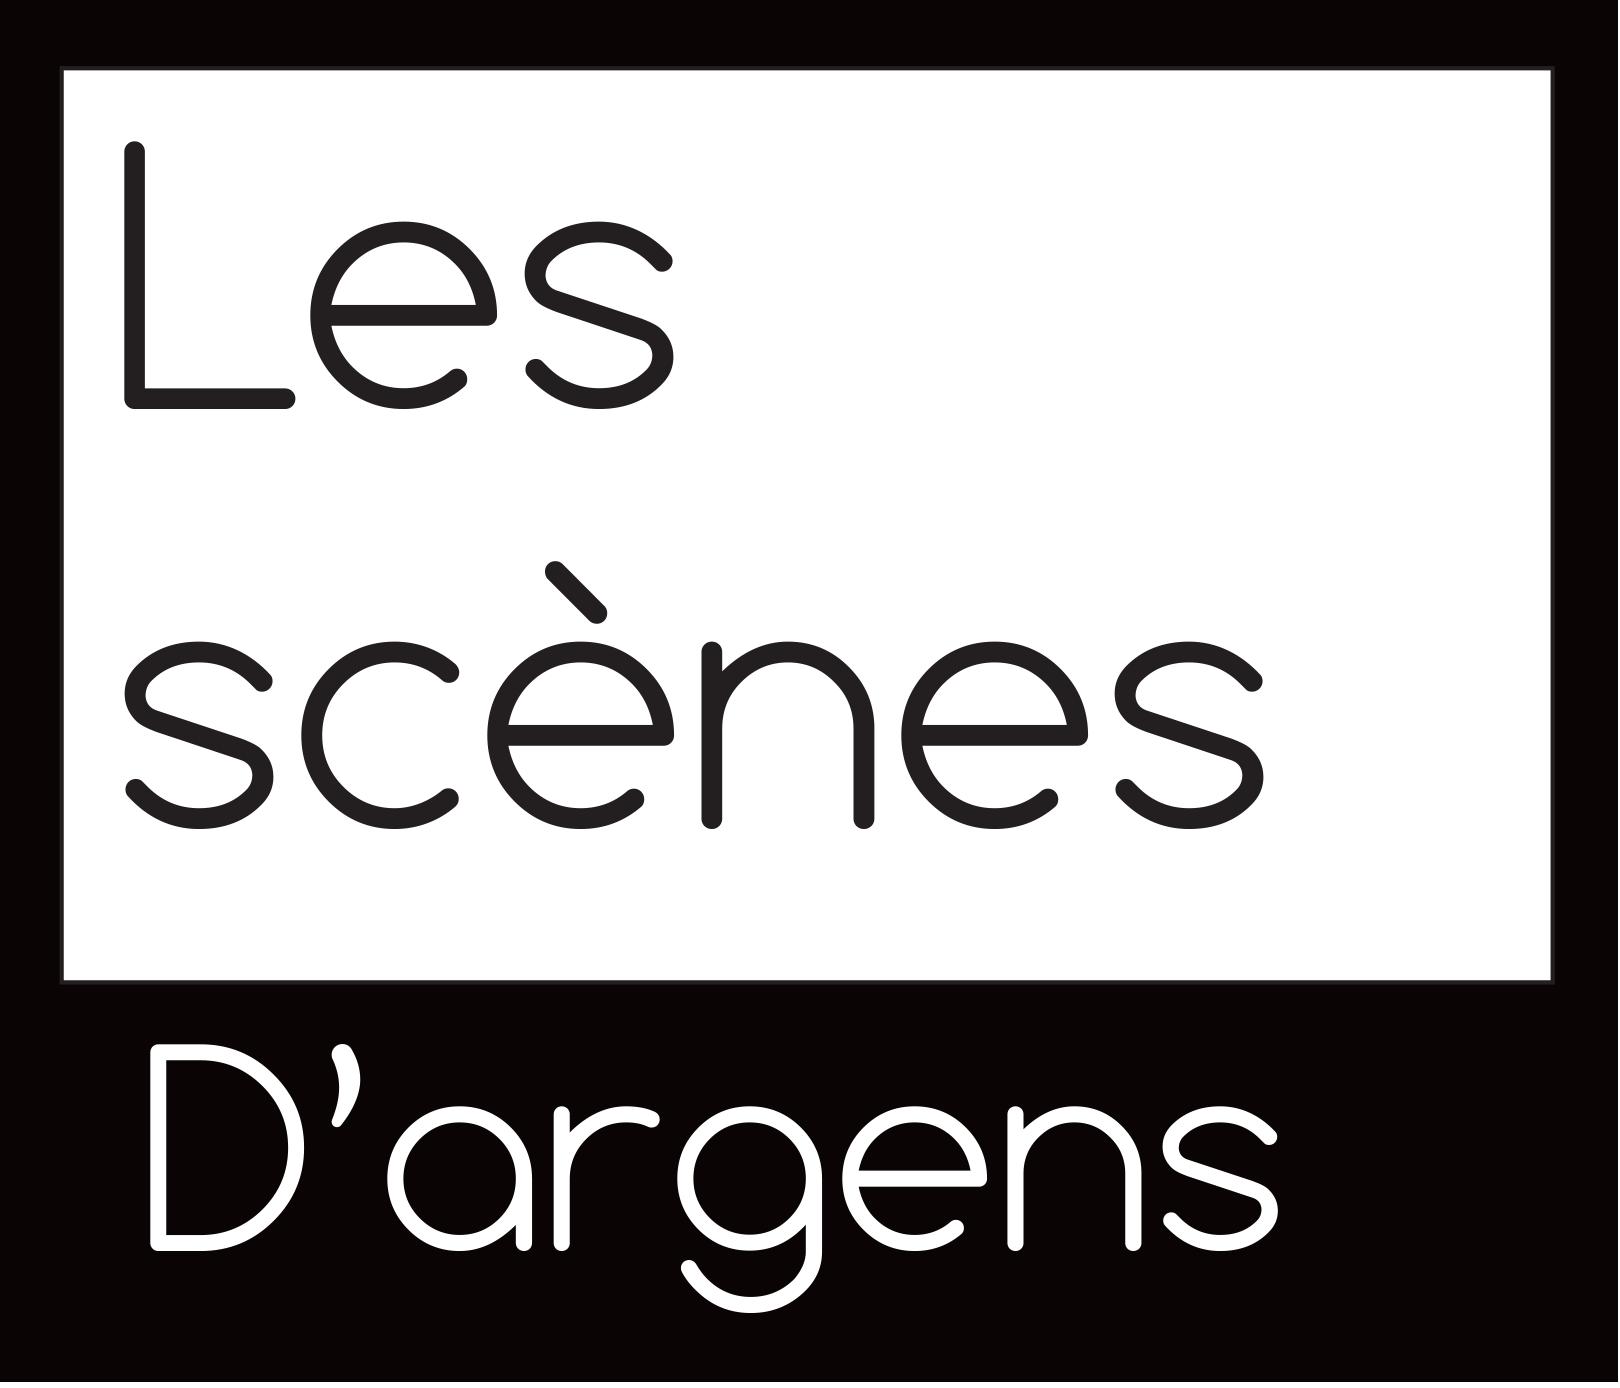 Les Scènes d'Argens